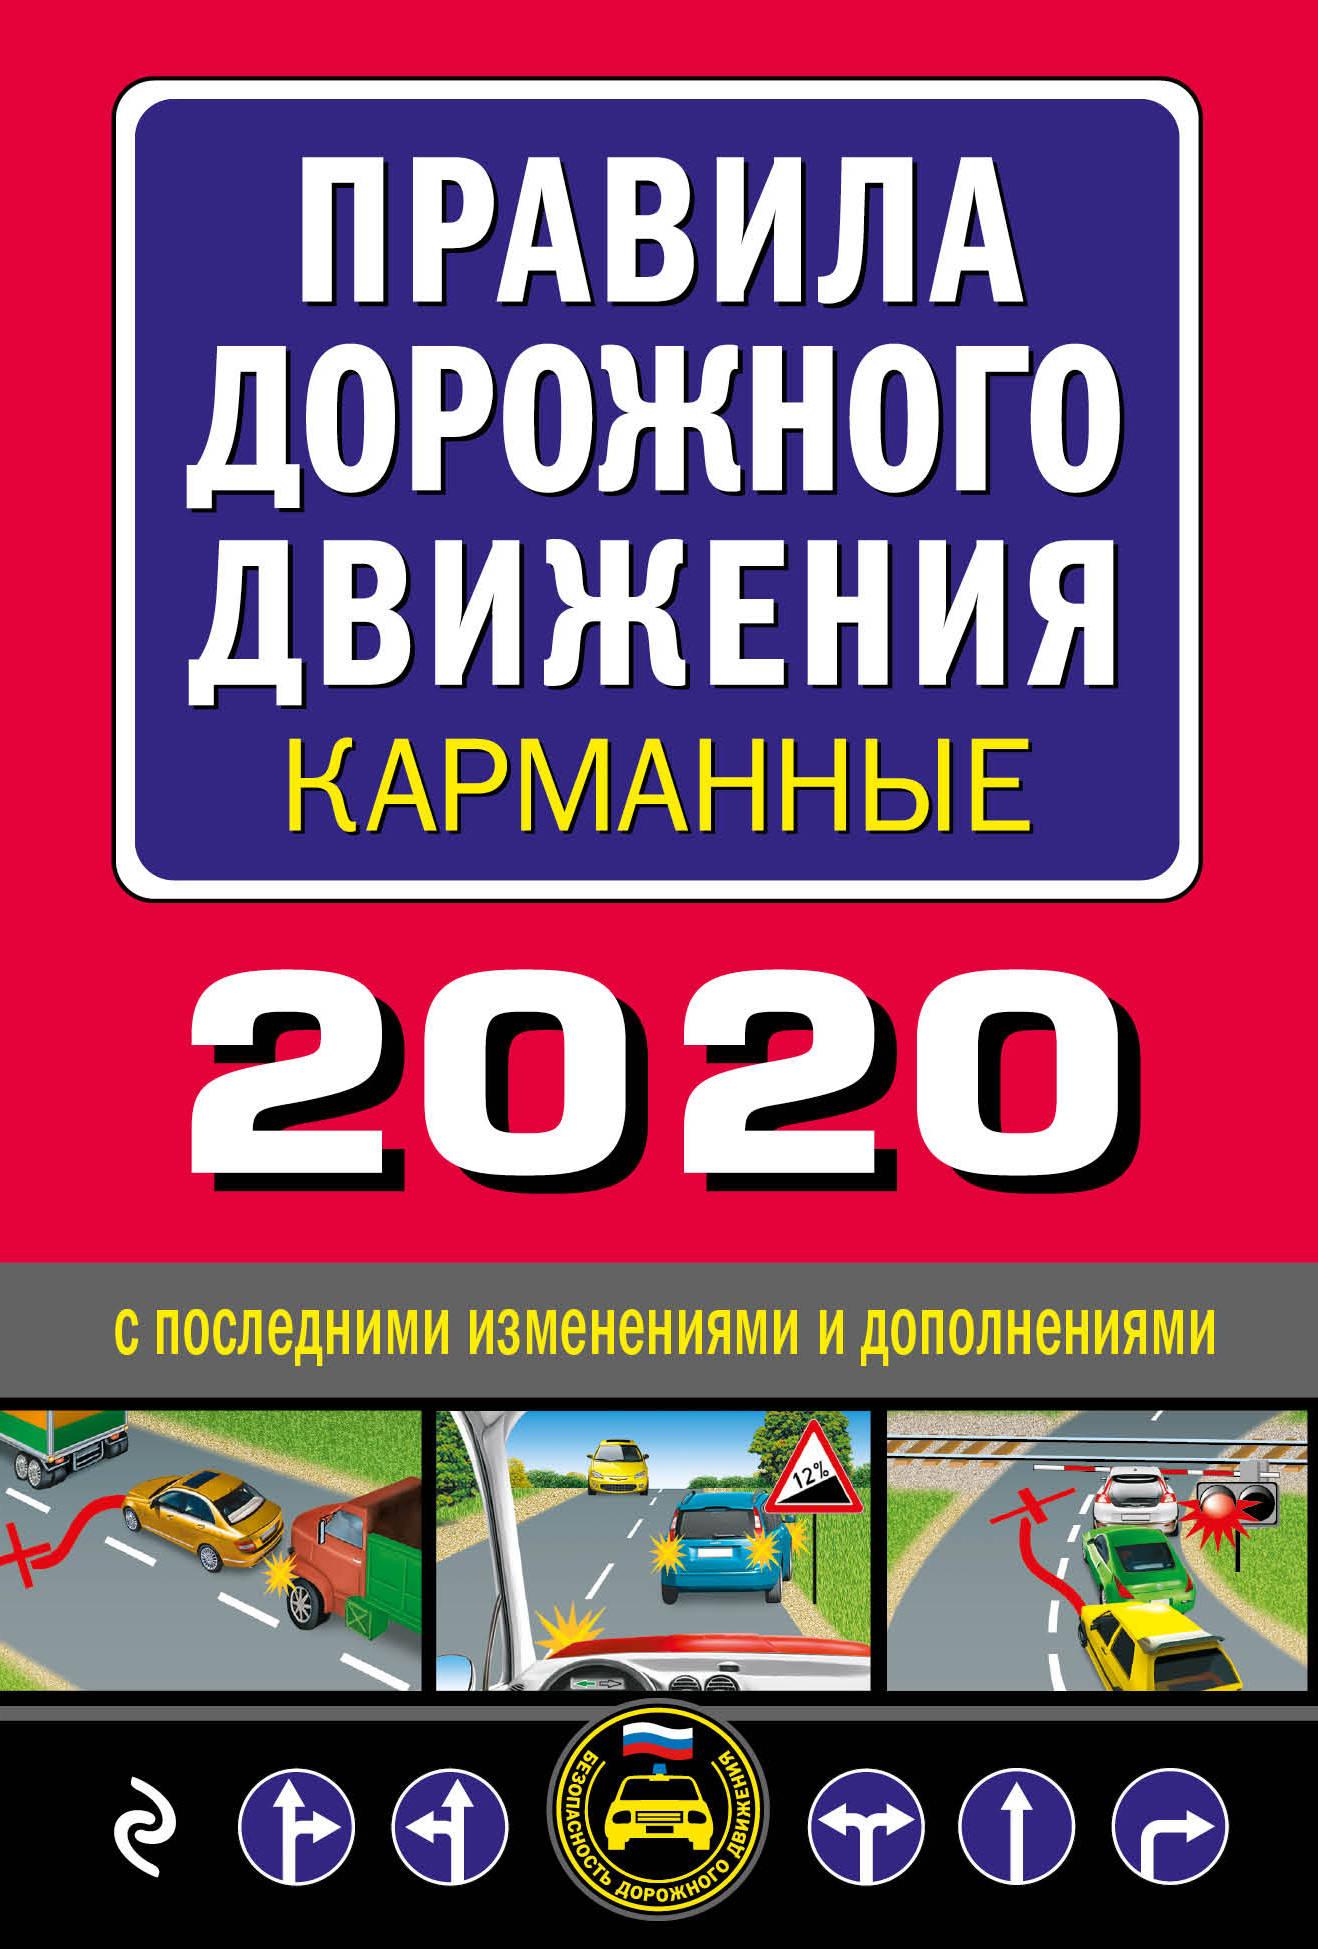 Pravila dorozhnogo dvizhenija karmannye (redaktsija 2020)